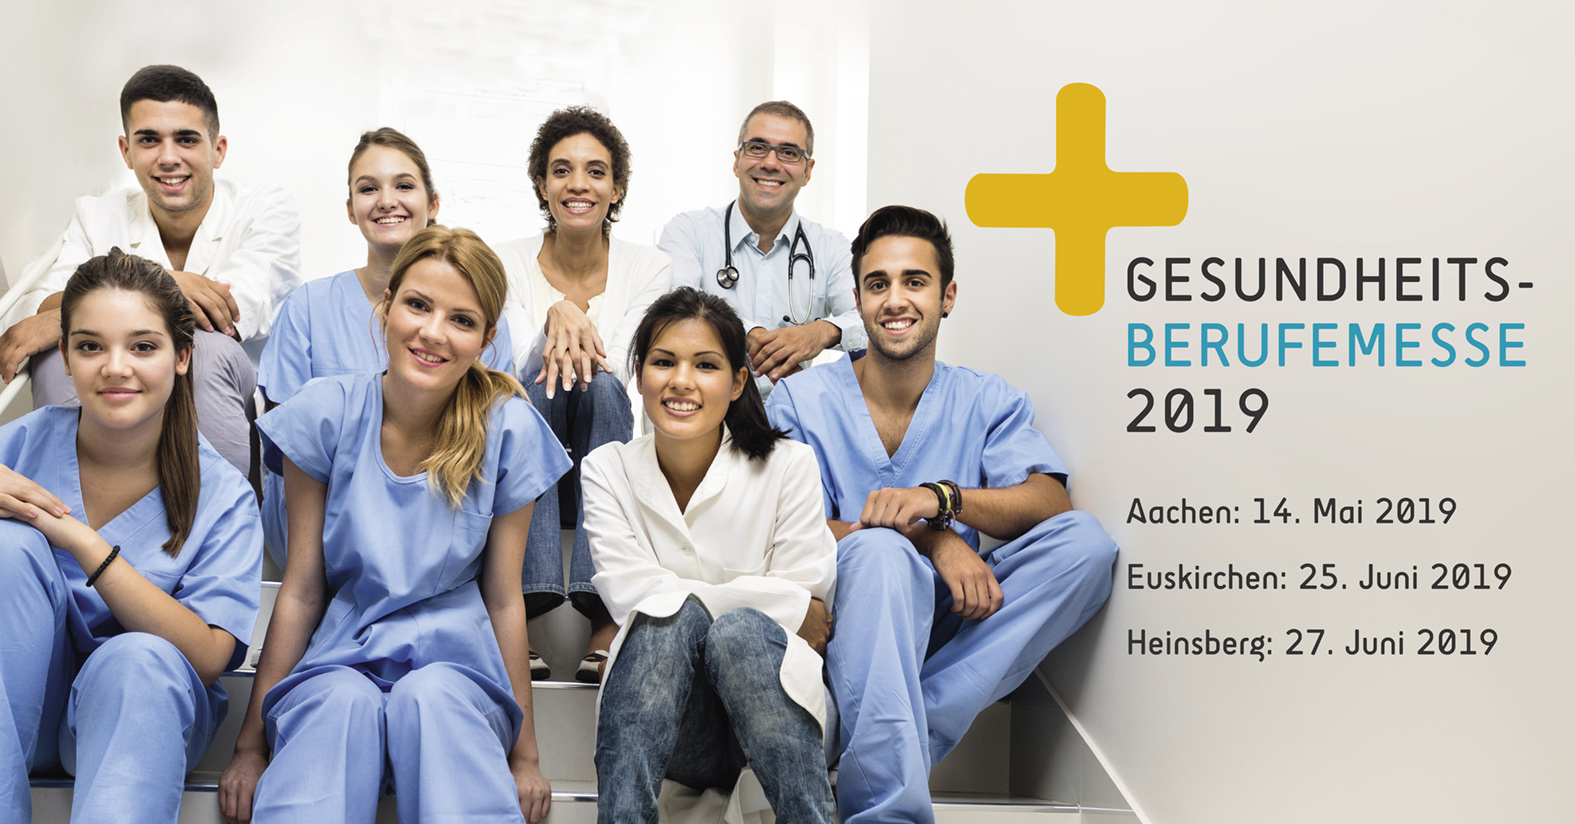 Bild Gesundheitsberufemesse